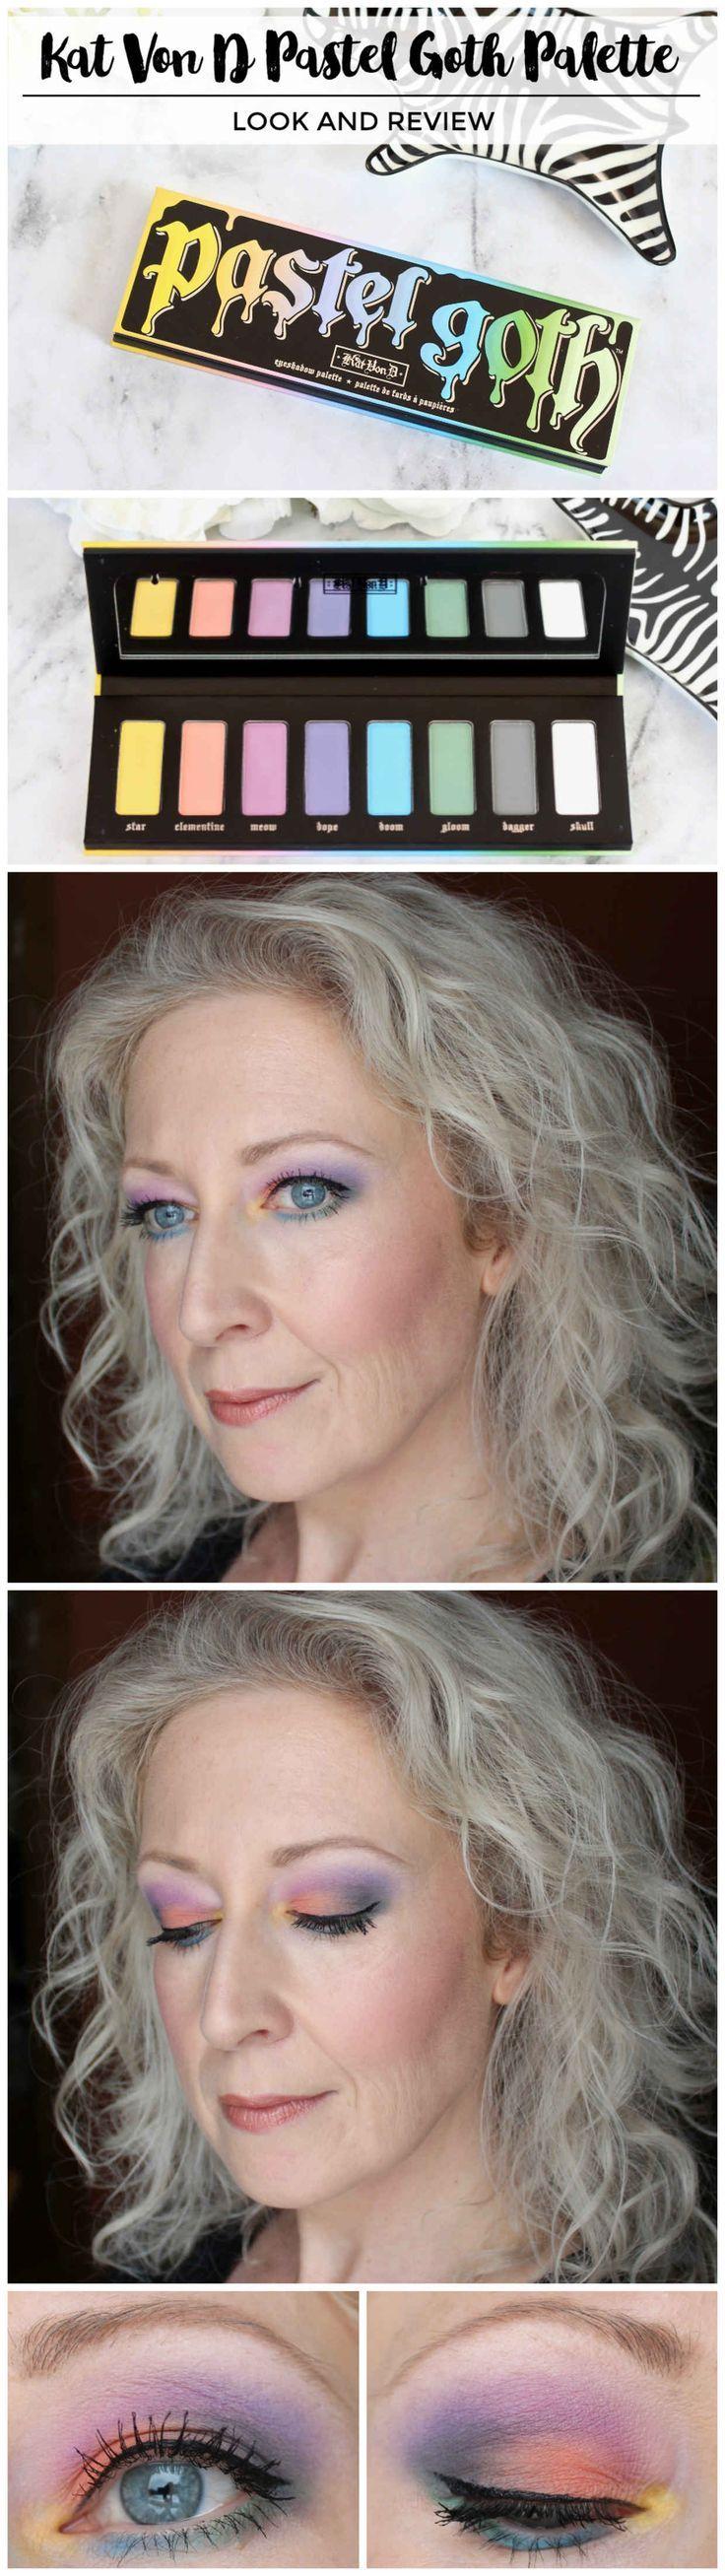 Kat Von D Pastel Goth Eyeshadow Palette Review